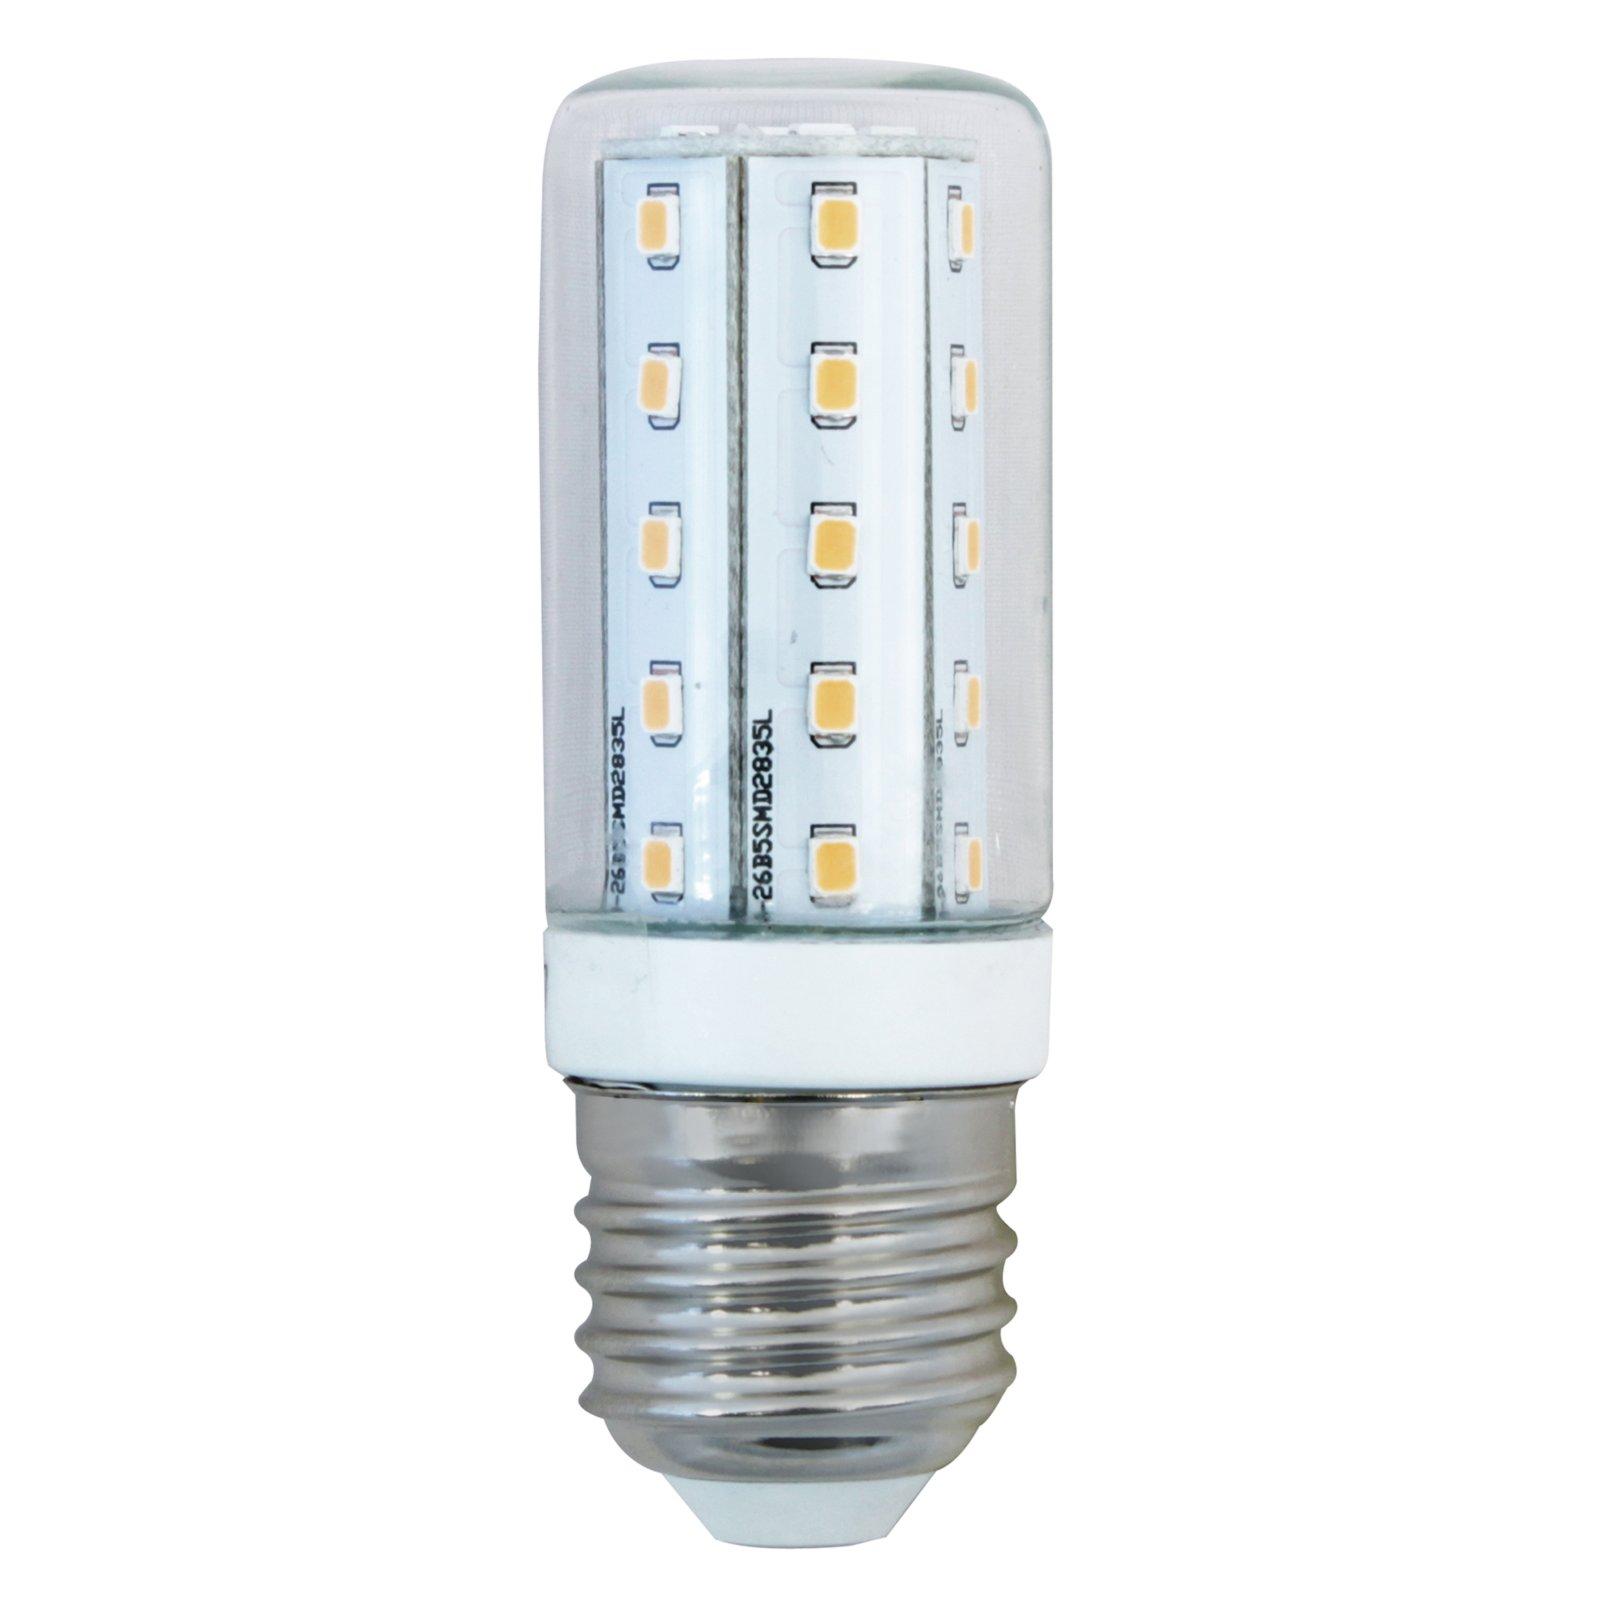 led leuchtmittel slimline lightme t30 e27 4 watt. Black Bedroom Furniture Sets. Home Design Ideas